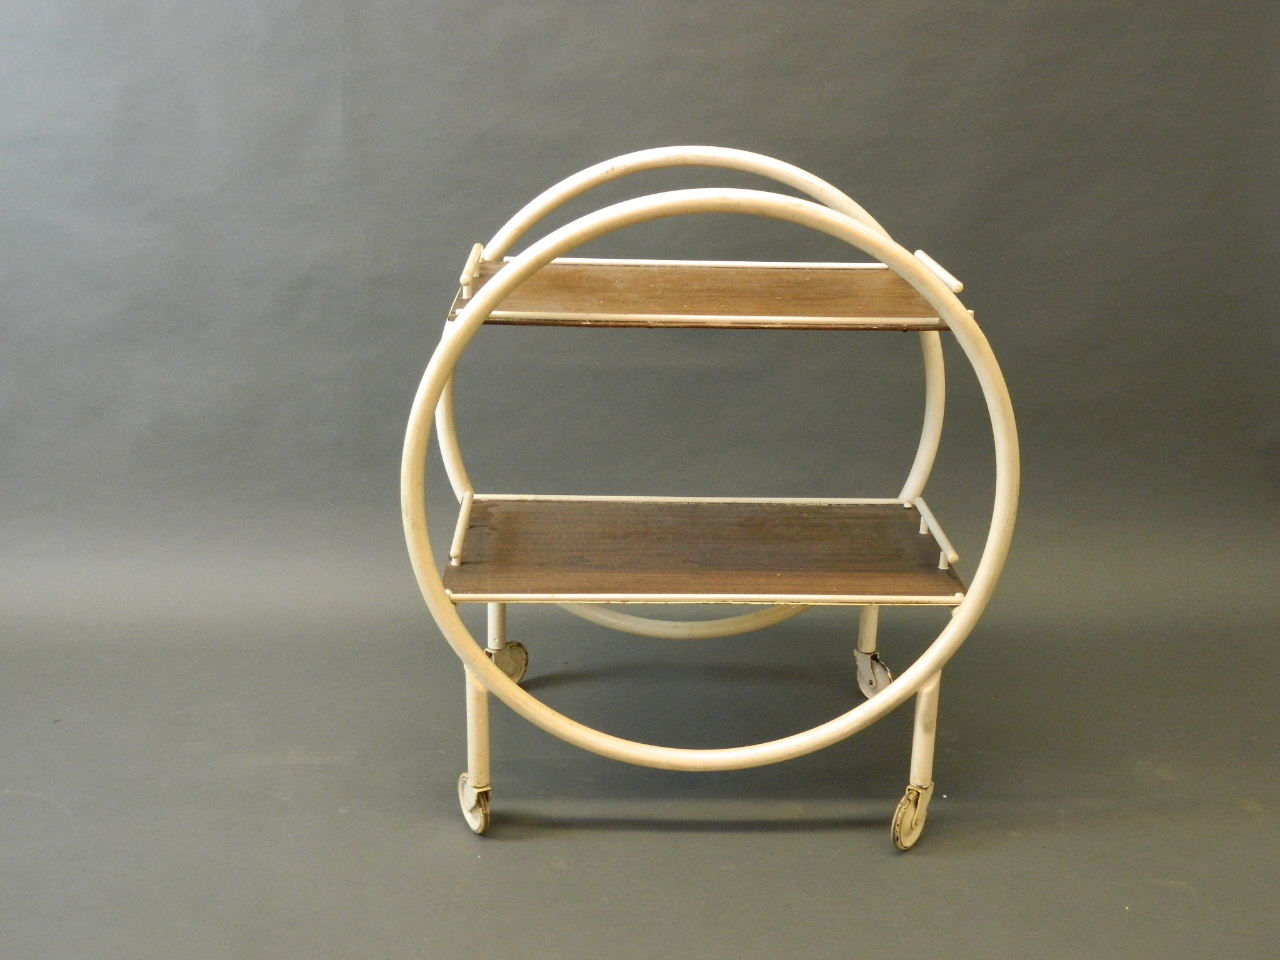 Lot 718 - An Art Deco painted steel tea trolley, 3